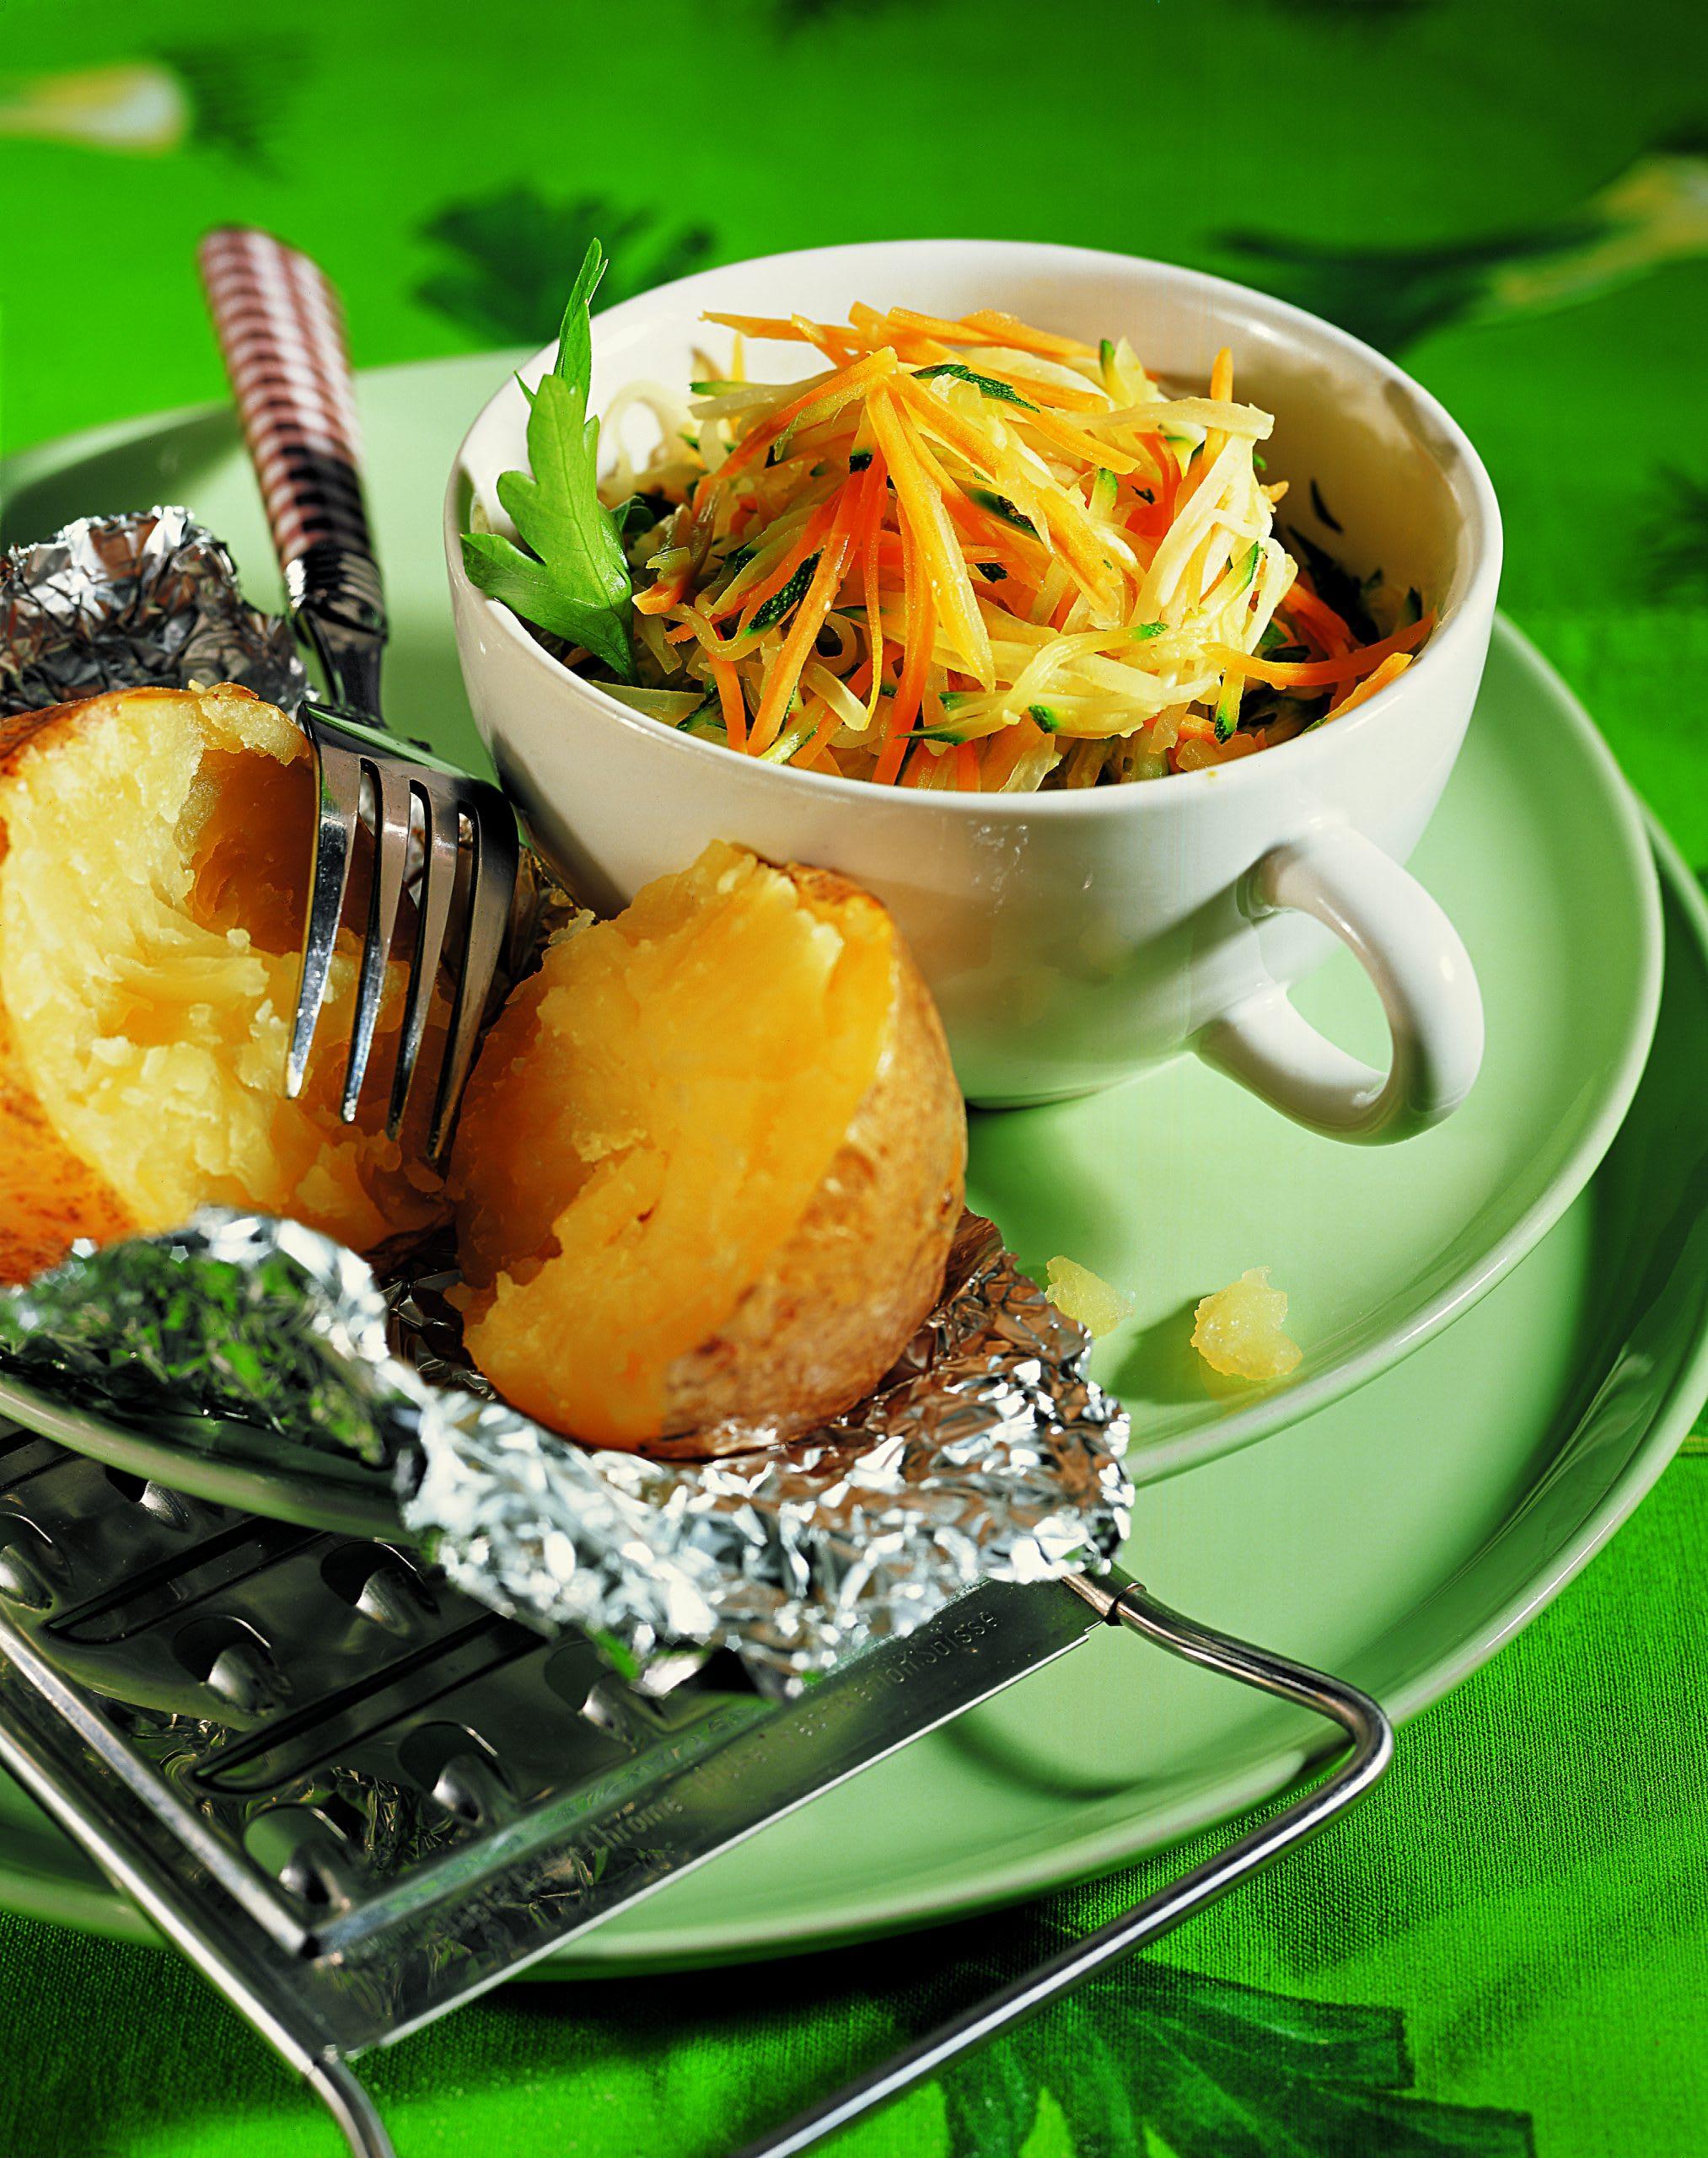 Baked potatoes et julienne de légumes